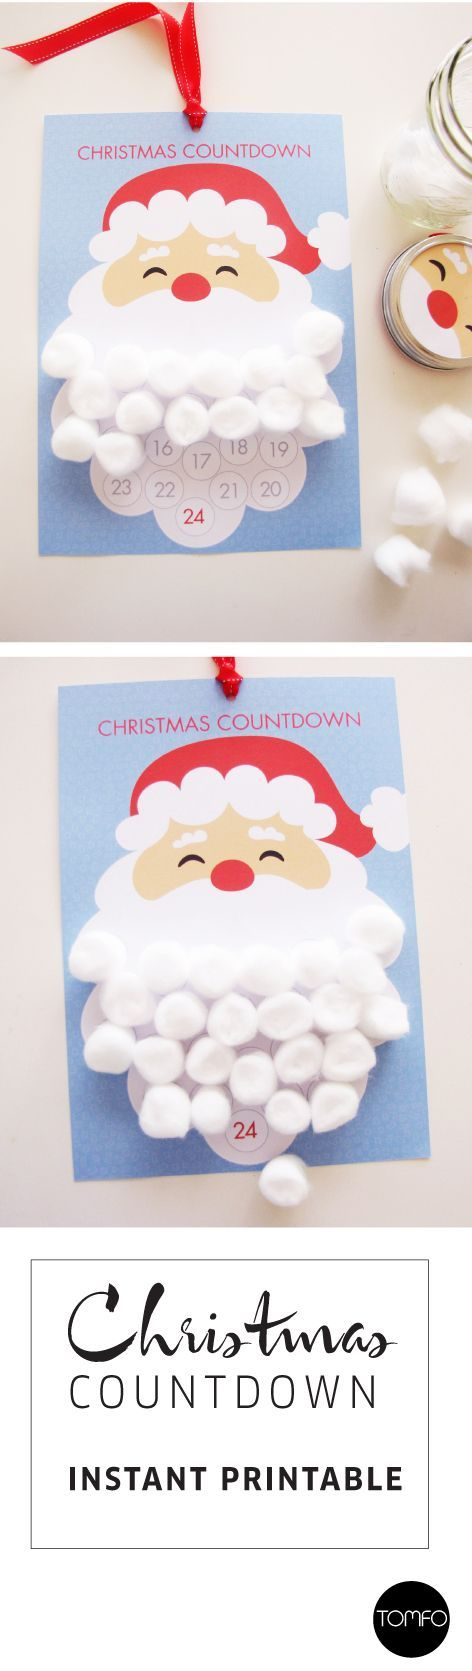 40 pomysłów na zabawy świąteczne dla dzieci - Nasze Kluski